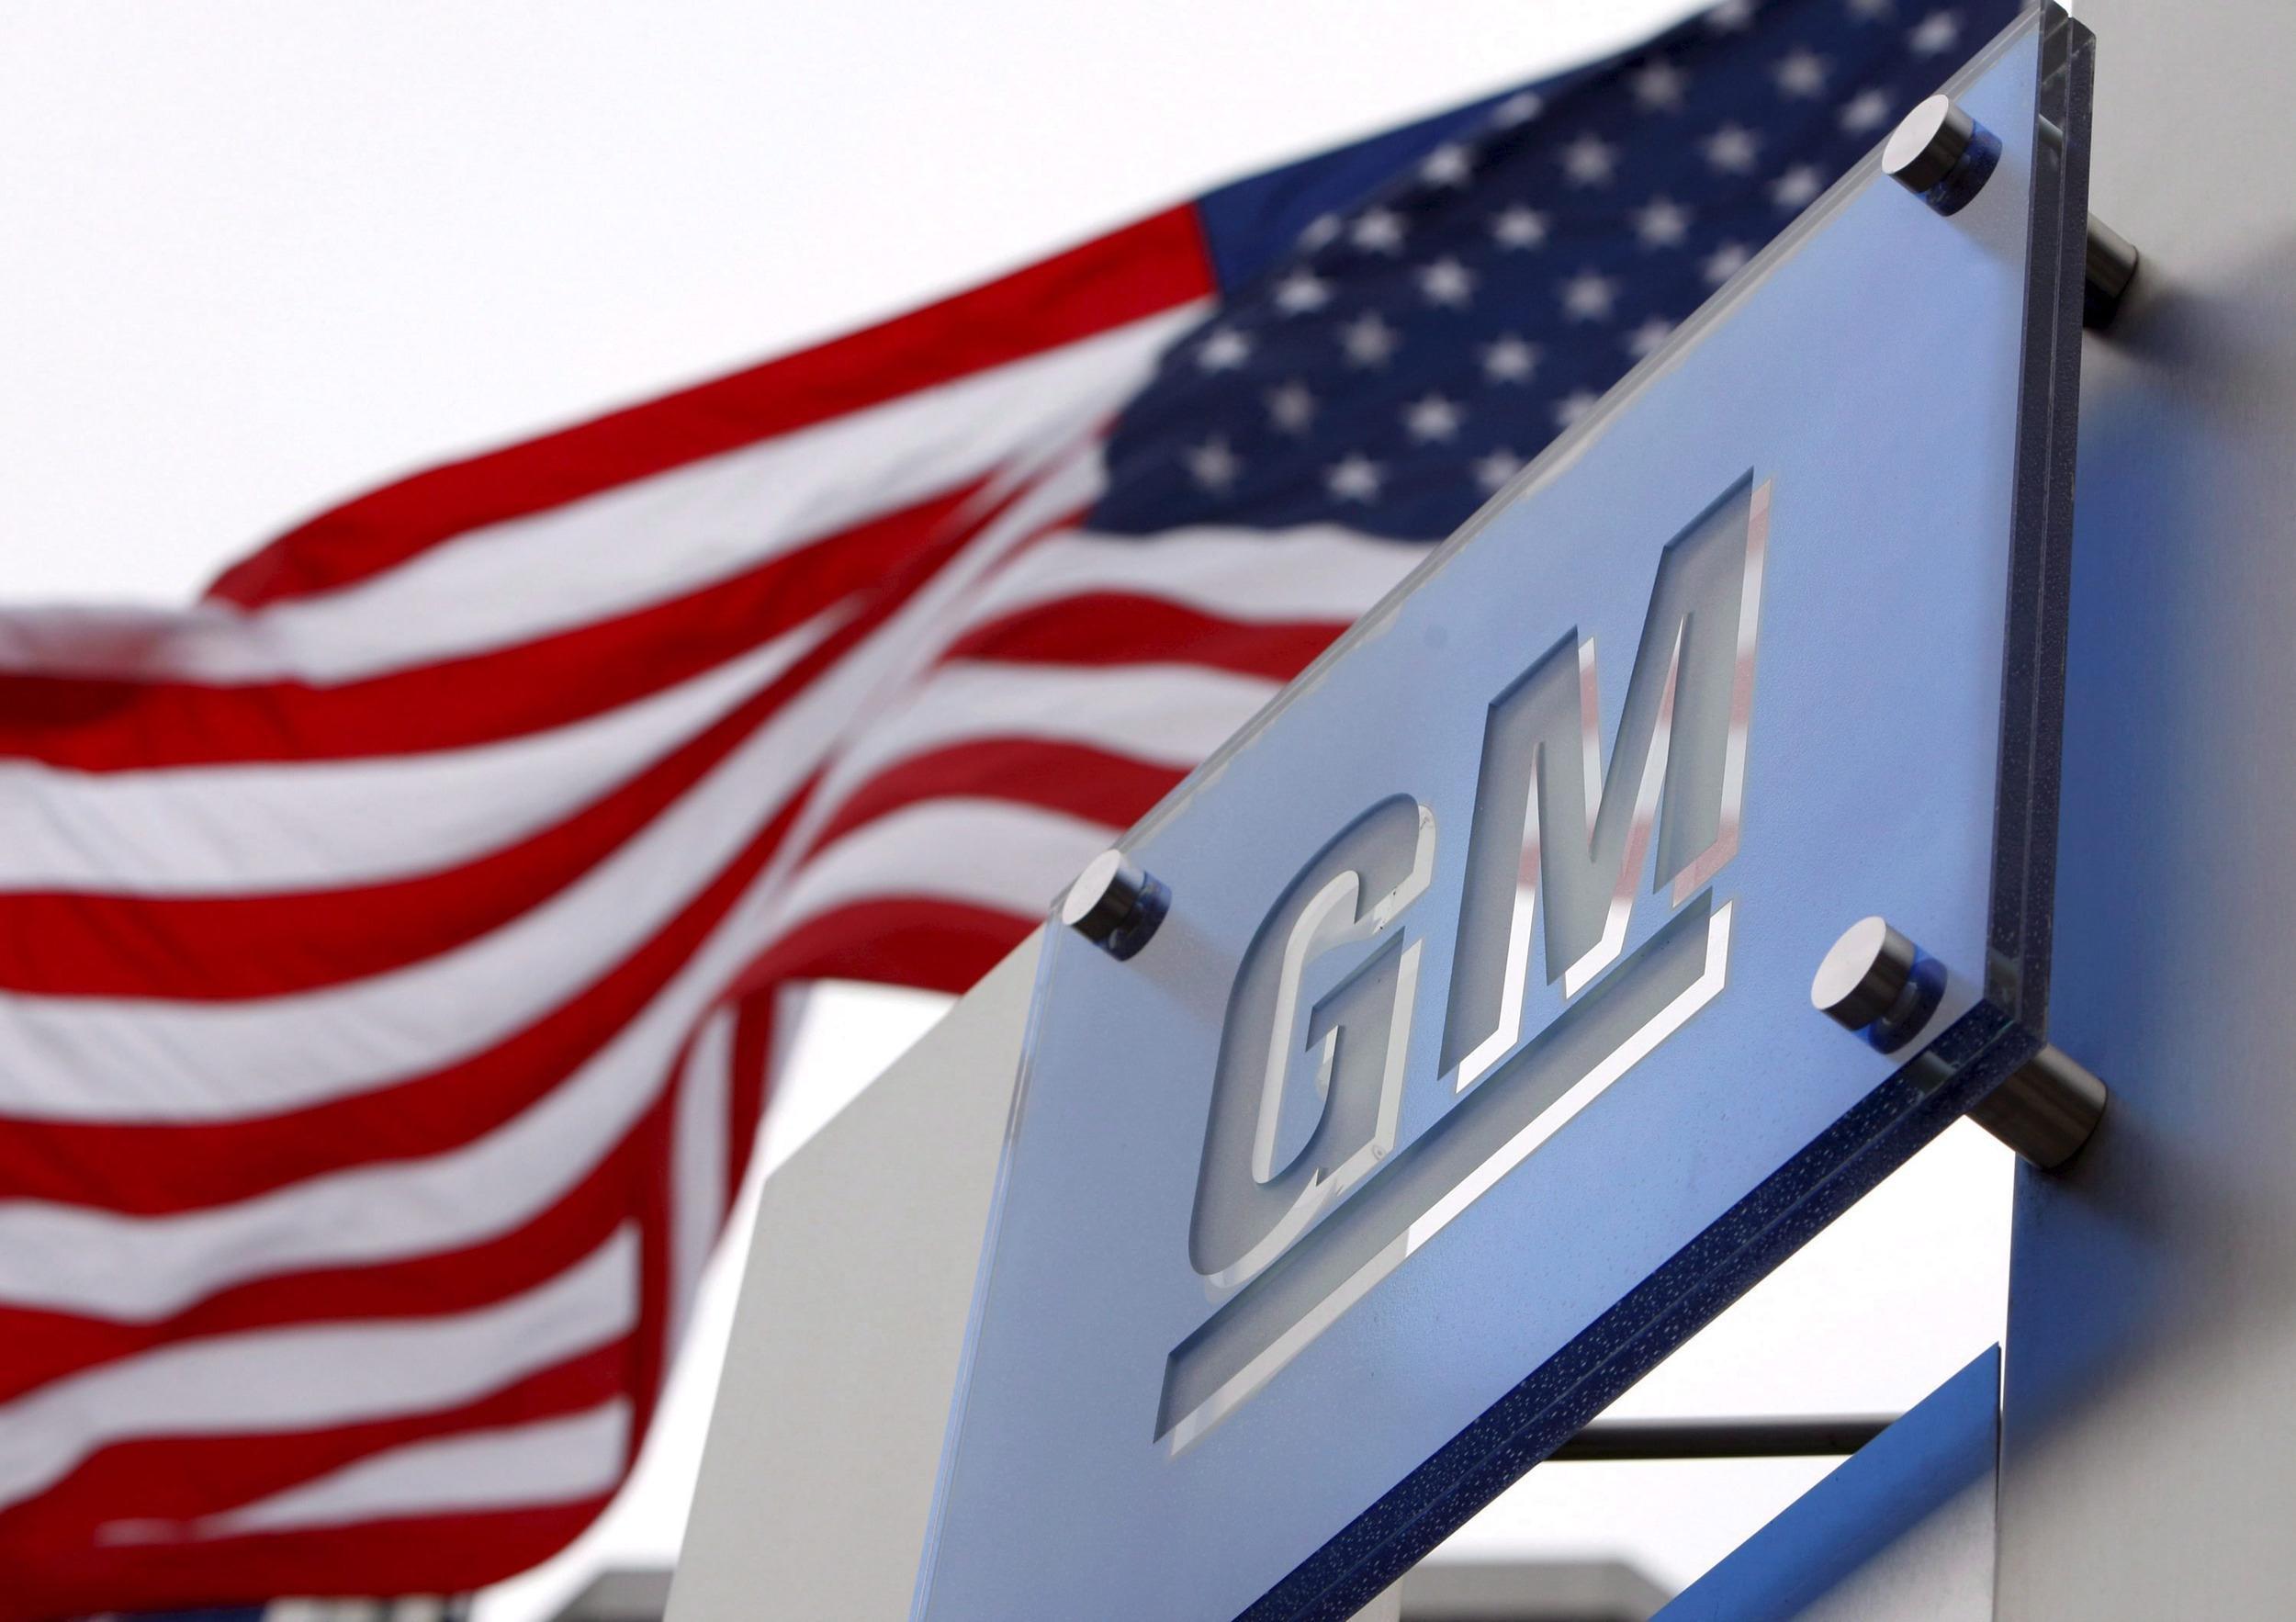 LG Electronics trả khoản bồi thường lên tới 1,9 tỷ USD cho General Motors vì vụ cháy pin Bolt EV